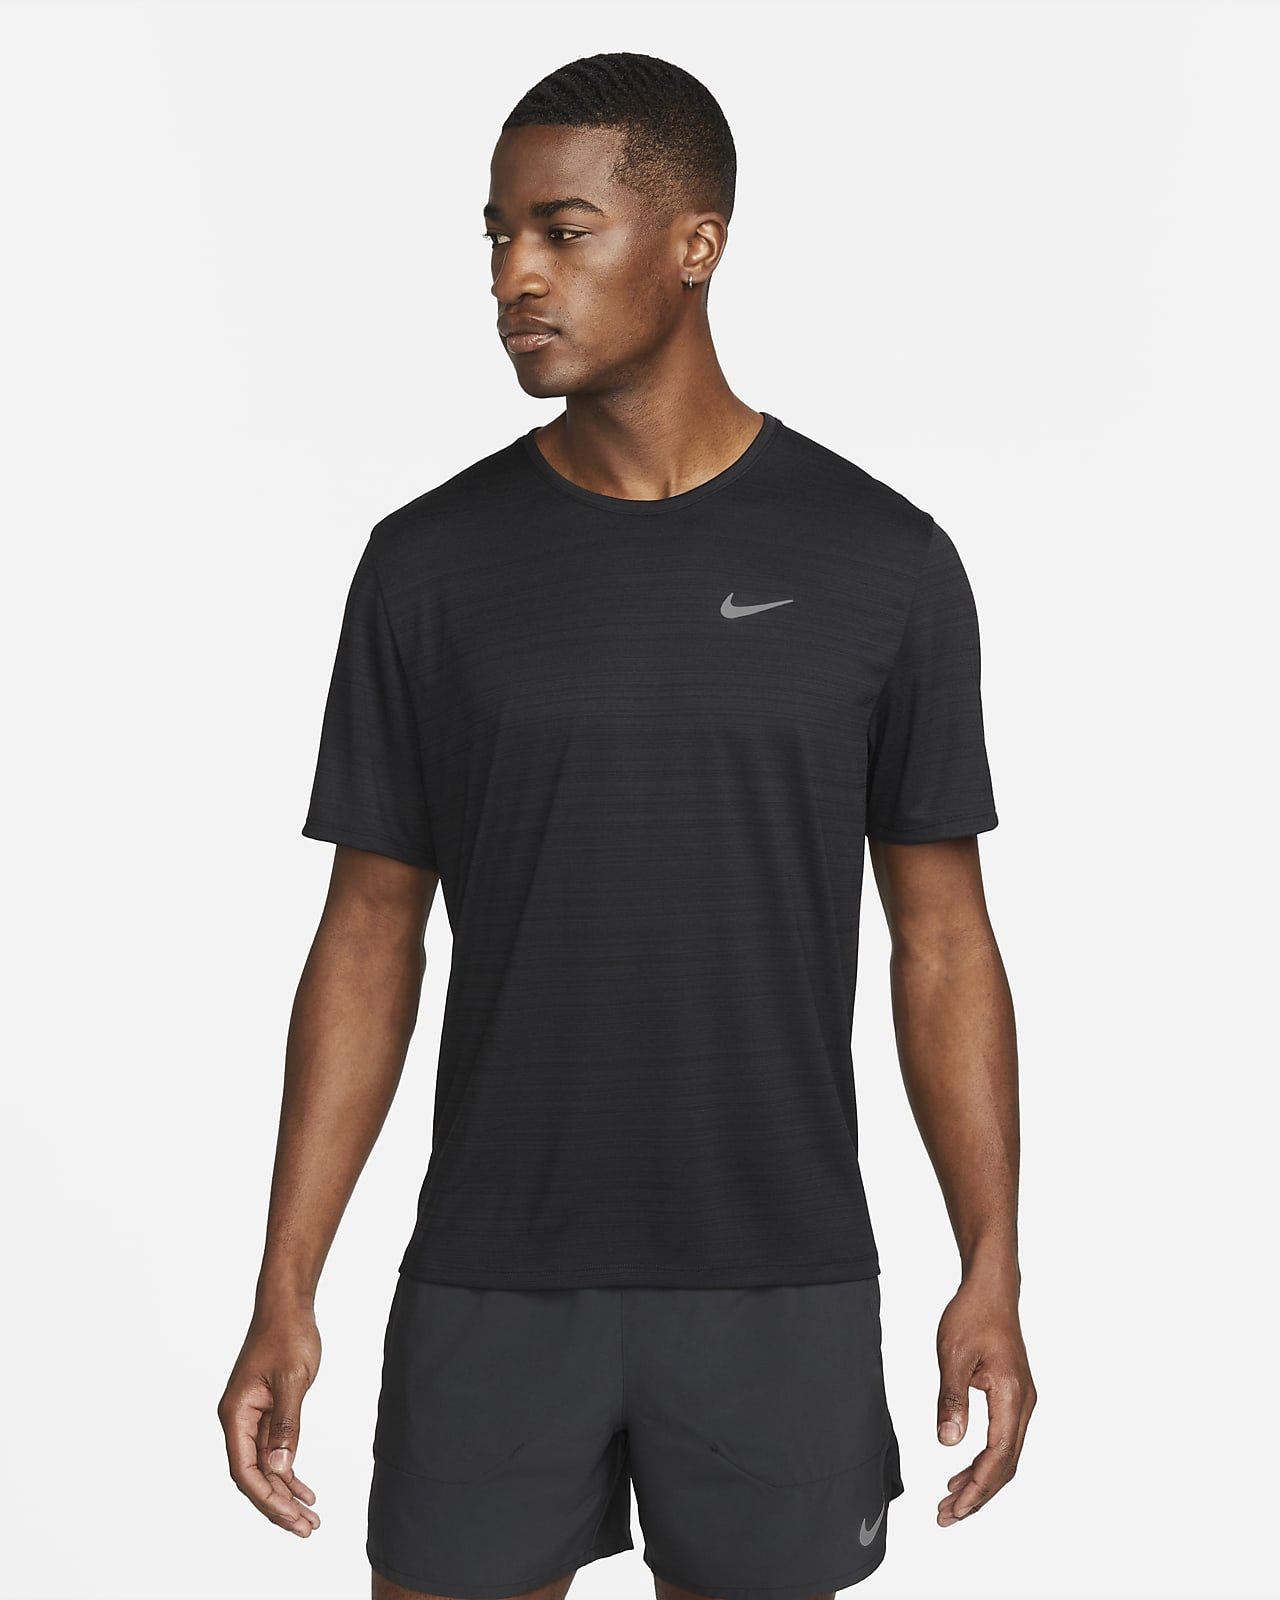 Nike Dri-FIT Miler Men's Running Top